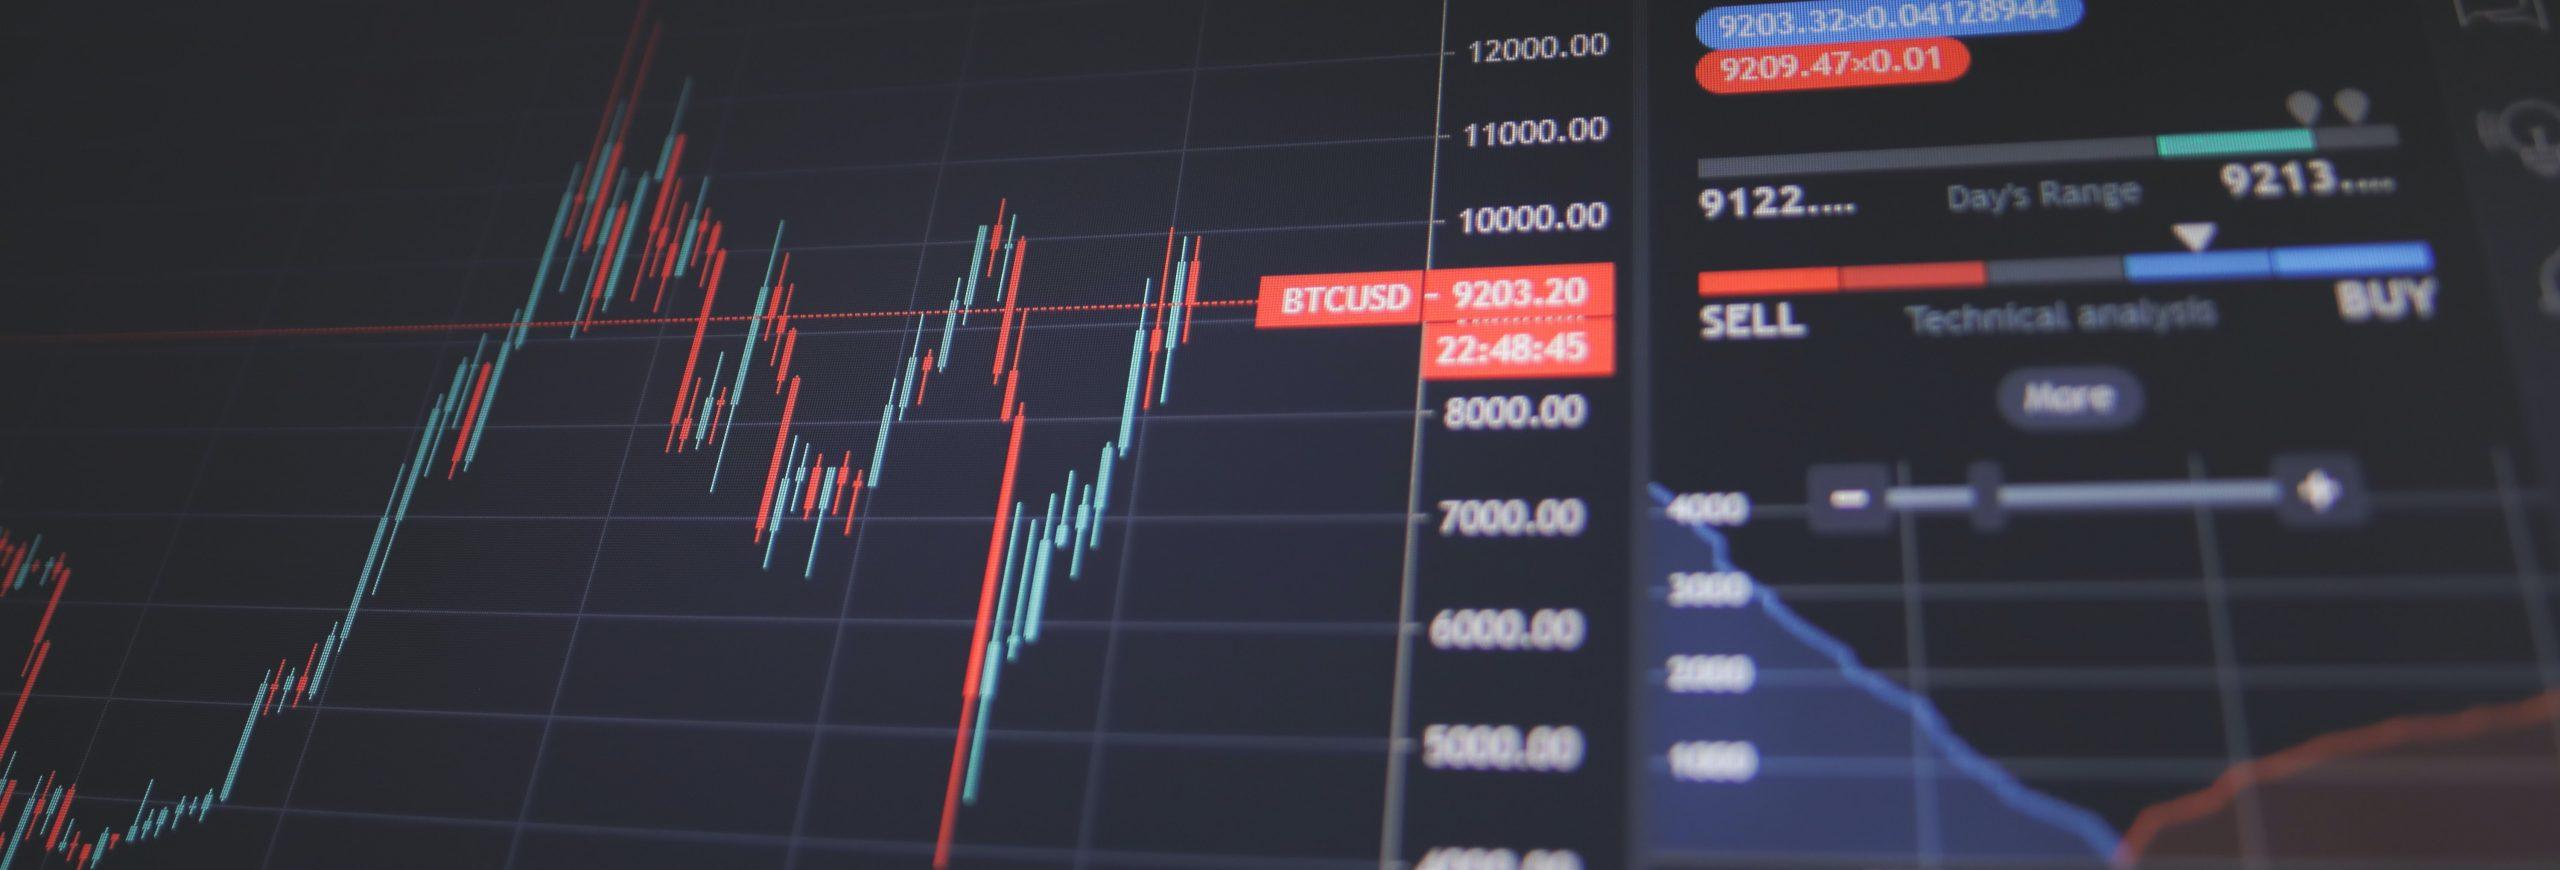 Sfeerfoto Bitcoin